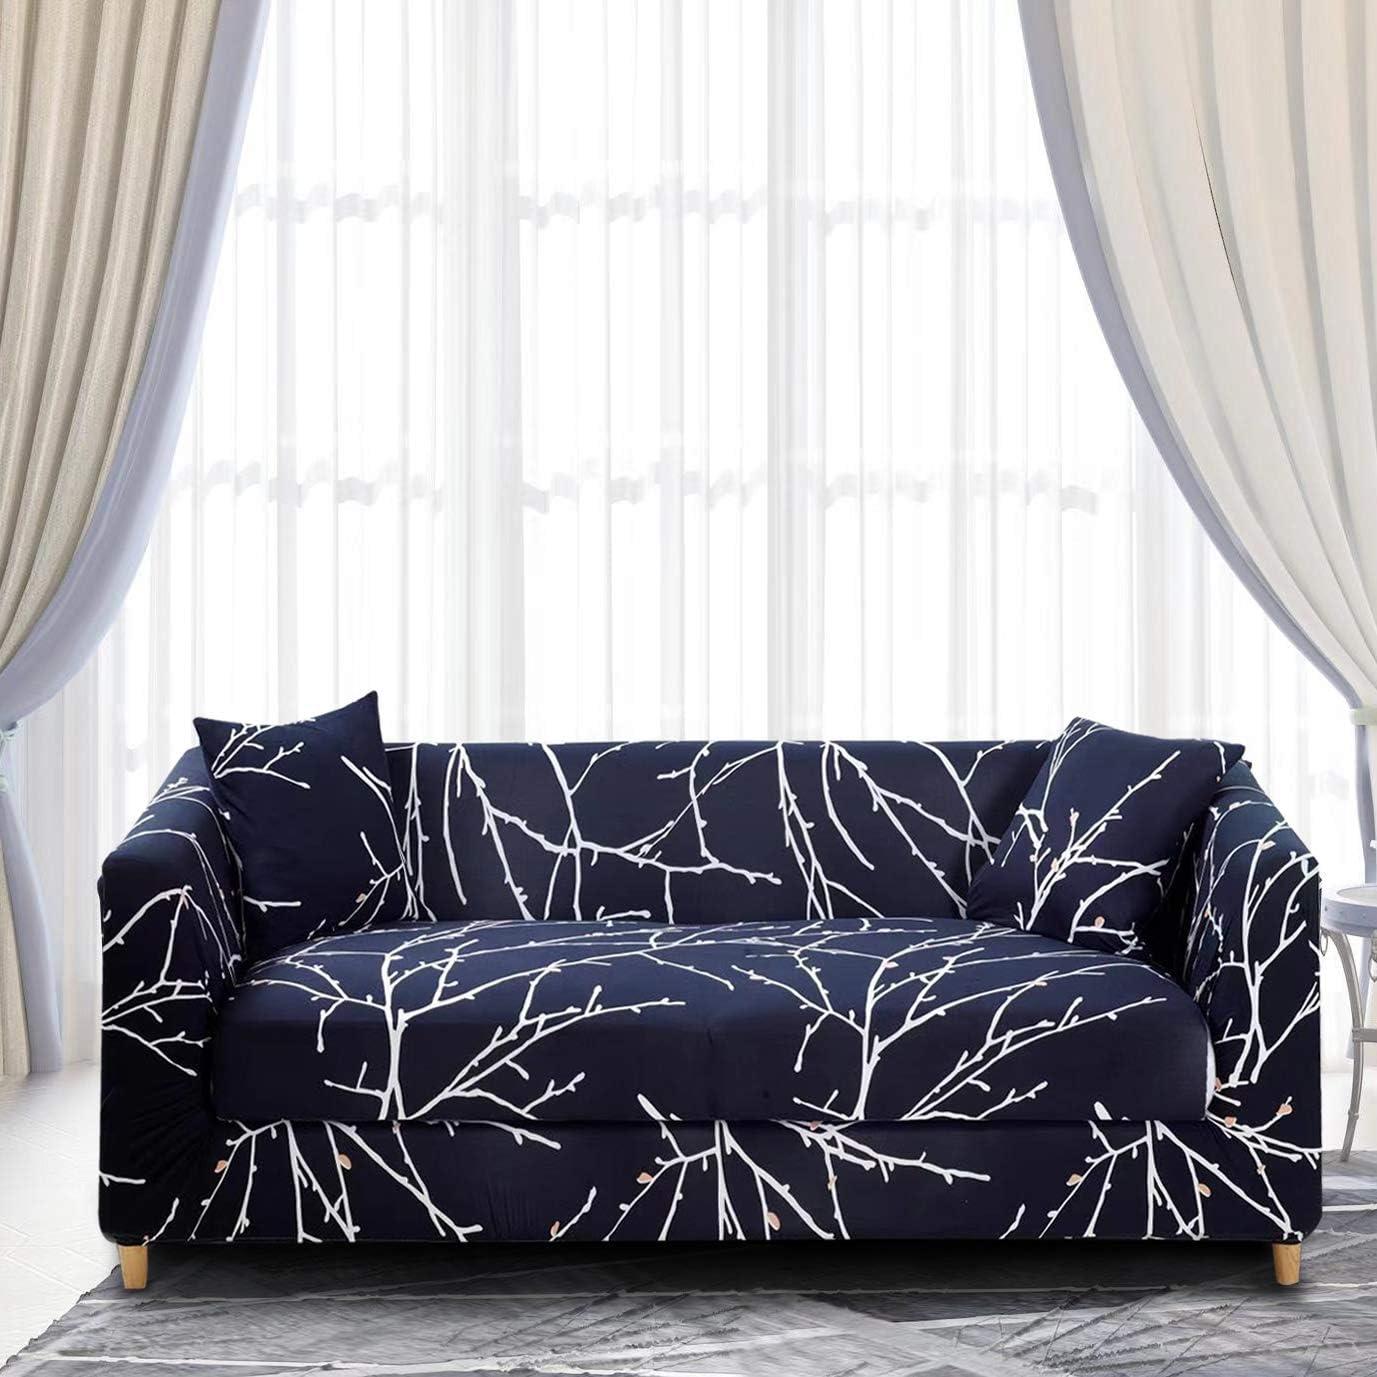 EENZER Funda de Sofa Elasticas 1 2 3 4 Plazas,Universal Fantasía Cubre Sofas Ajustables,Árbol Rama,2 Plazas / 135-170cm